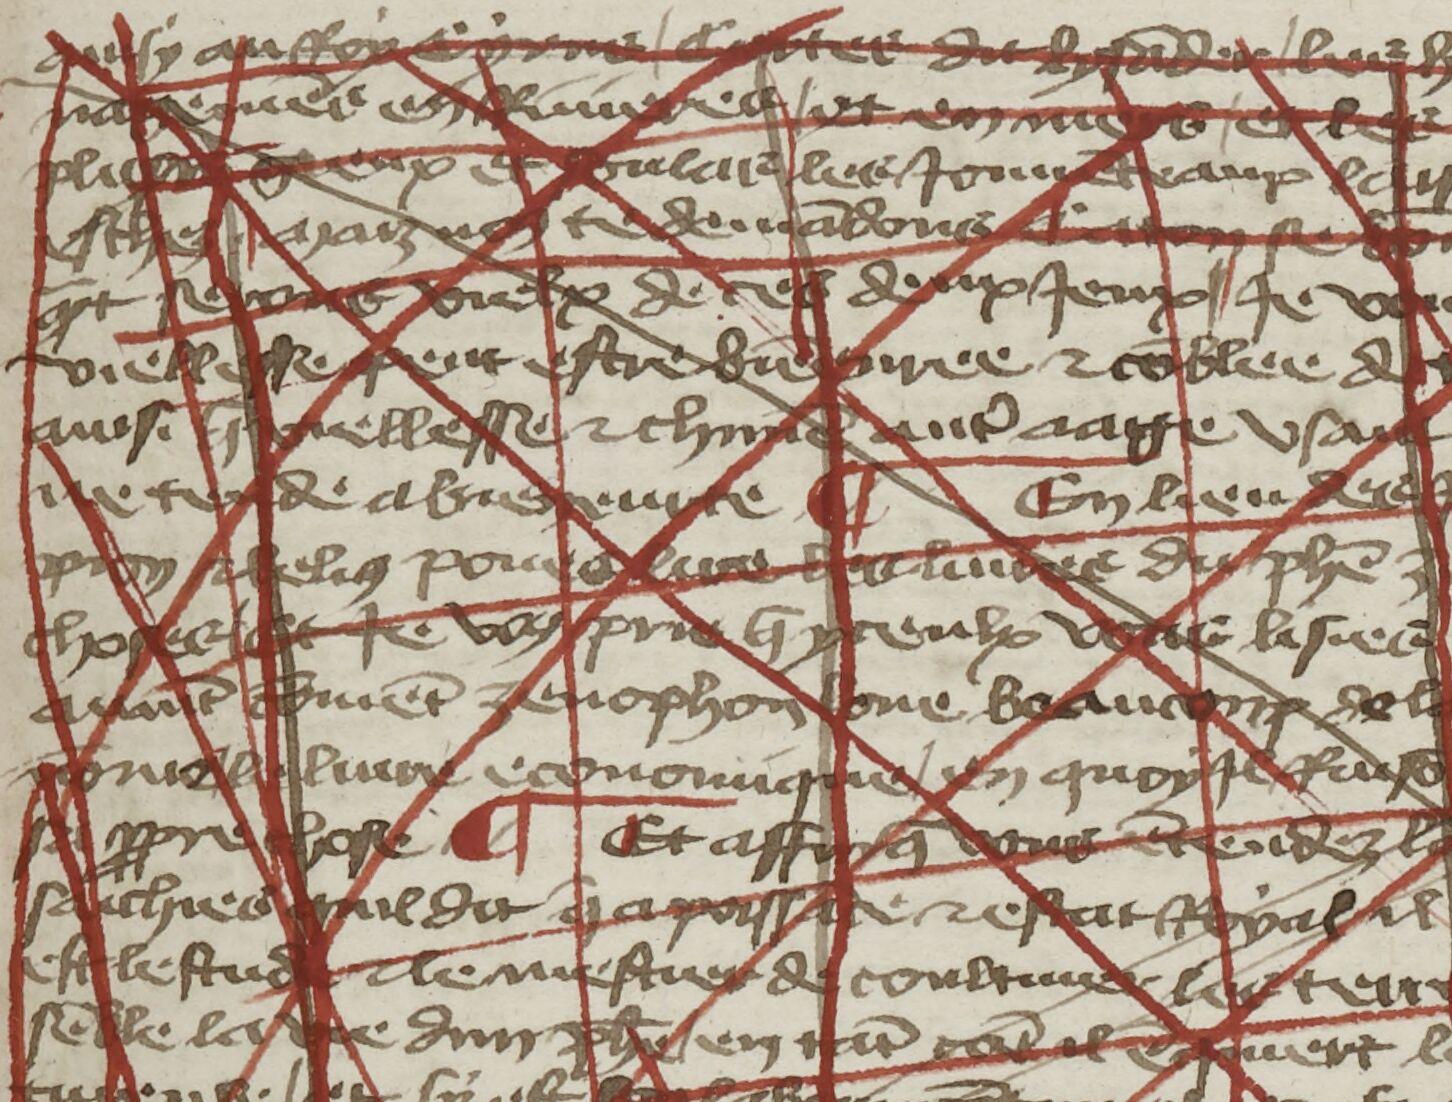 Texte sous rature